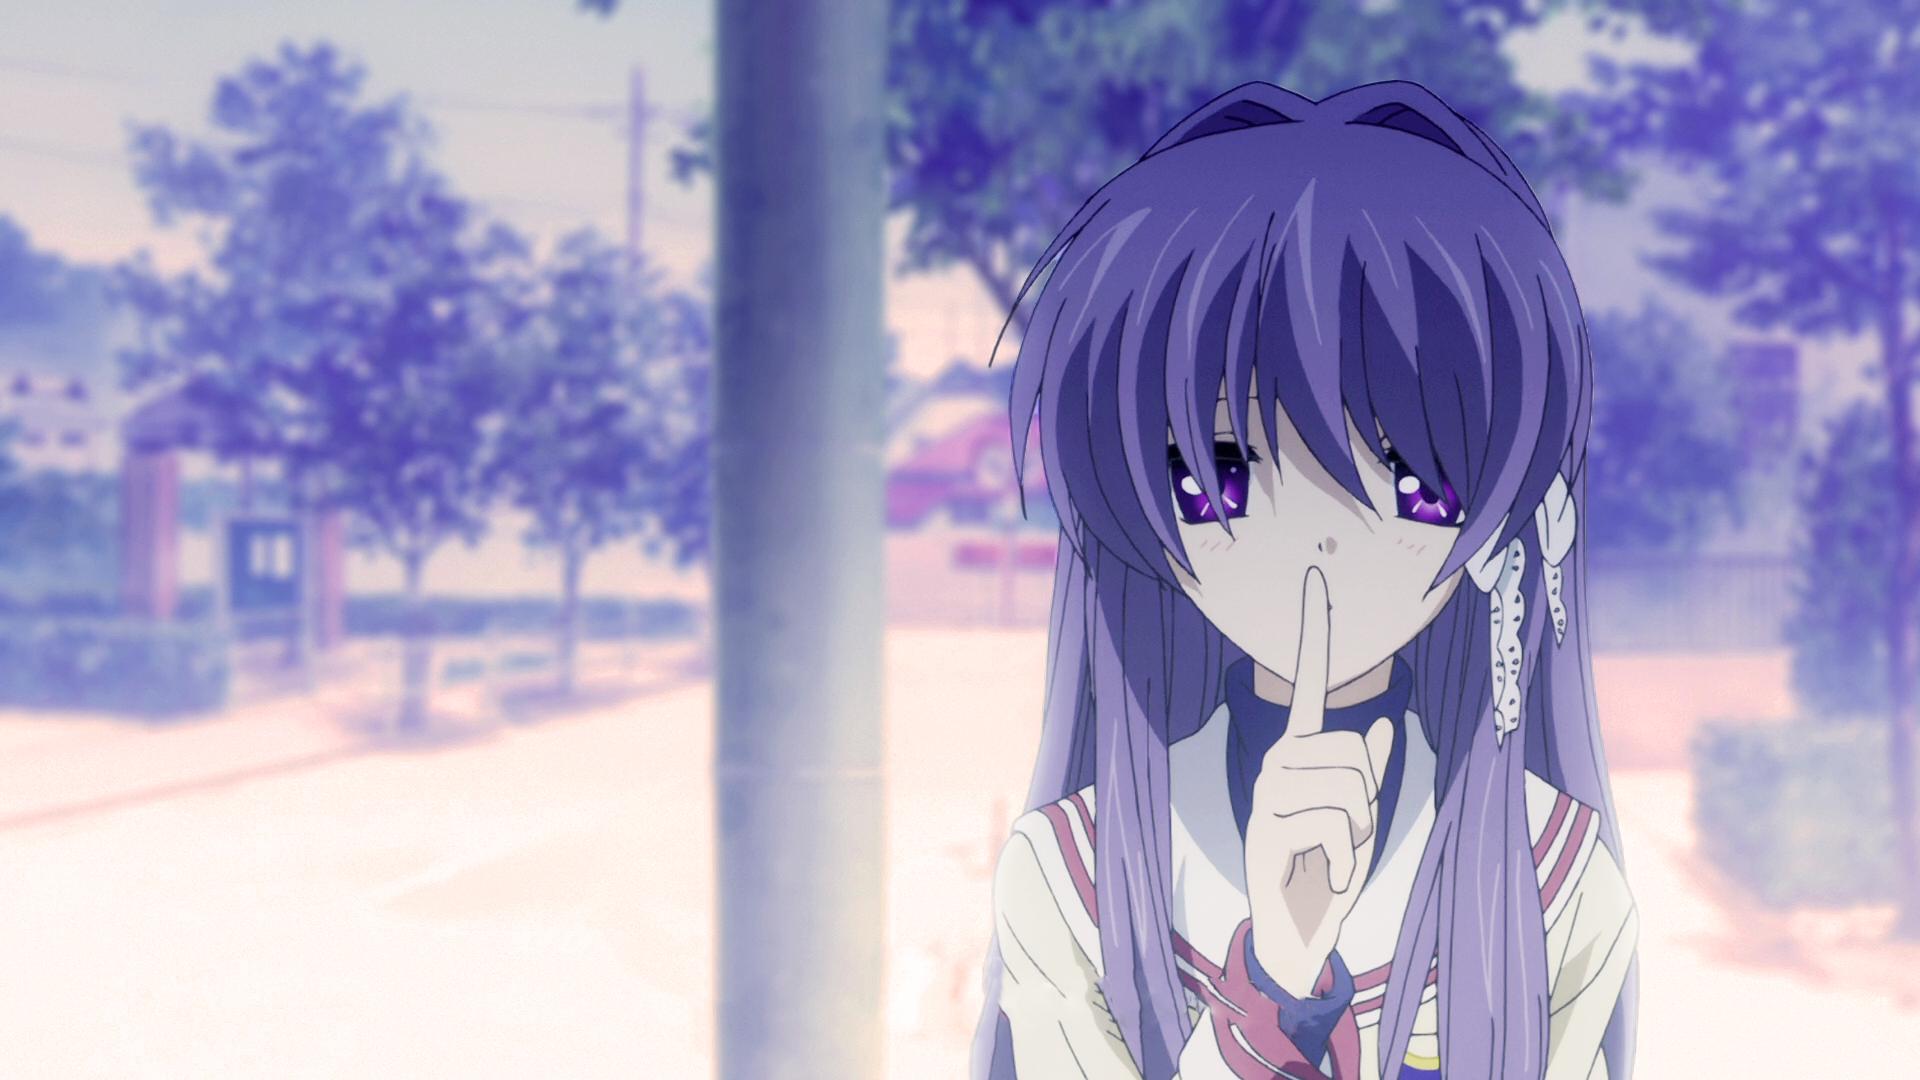 Kyou Fushibiashi Clannad Clannad Anime Clannad Anime